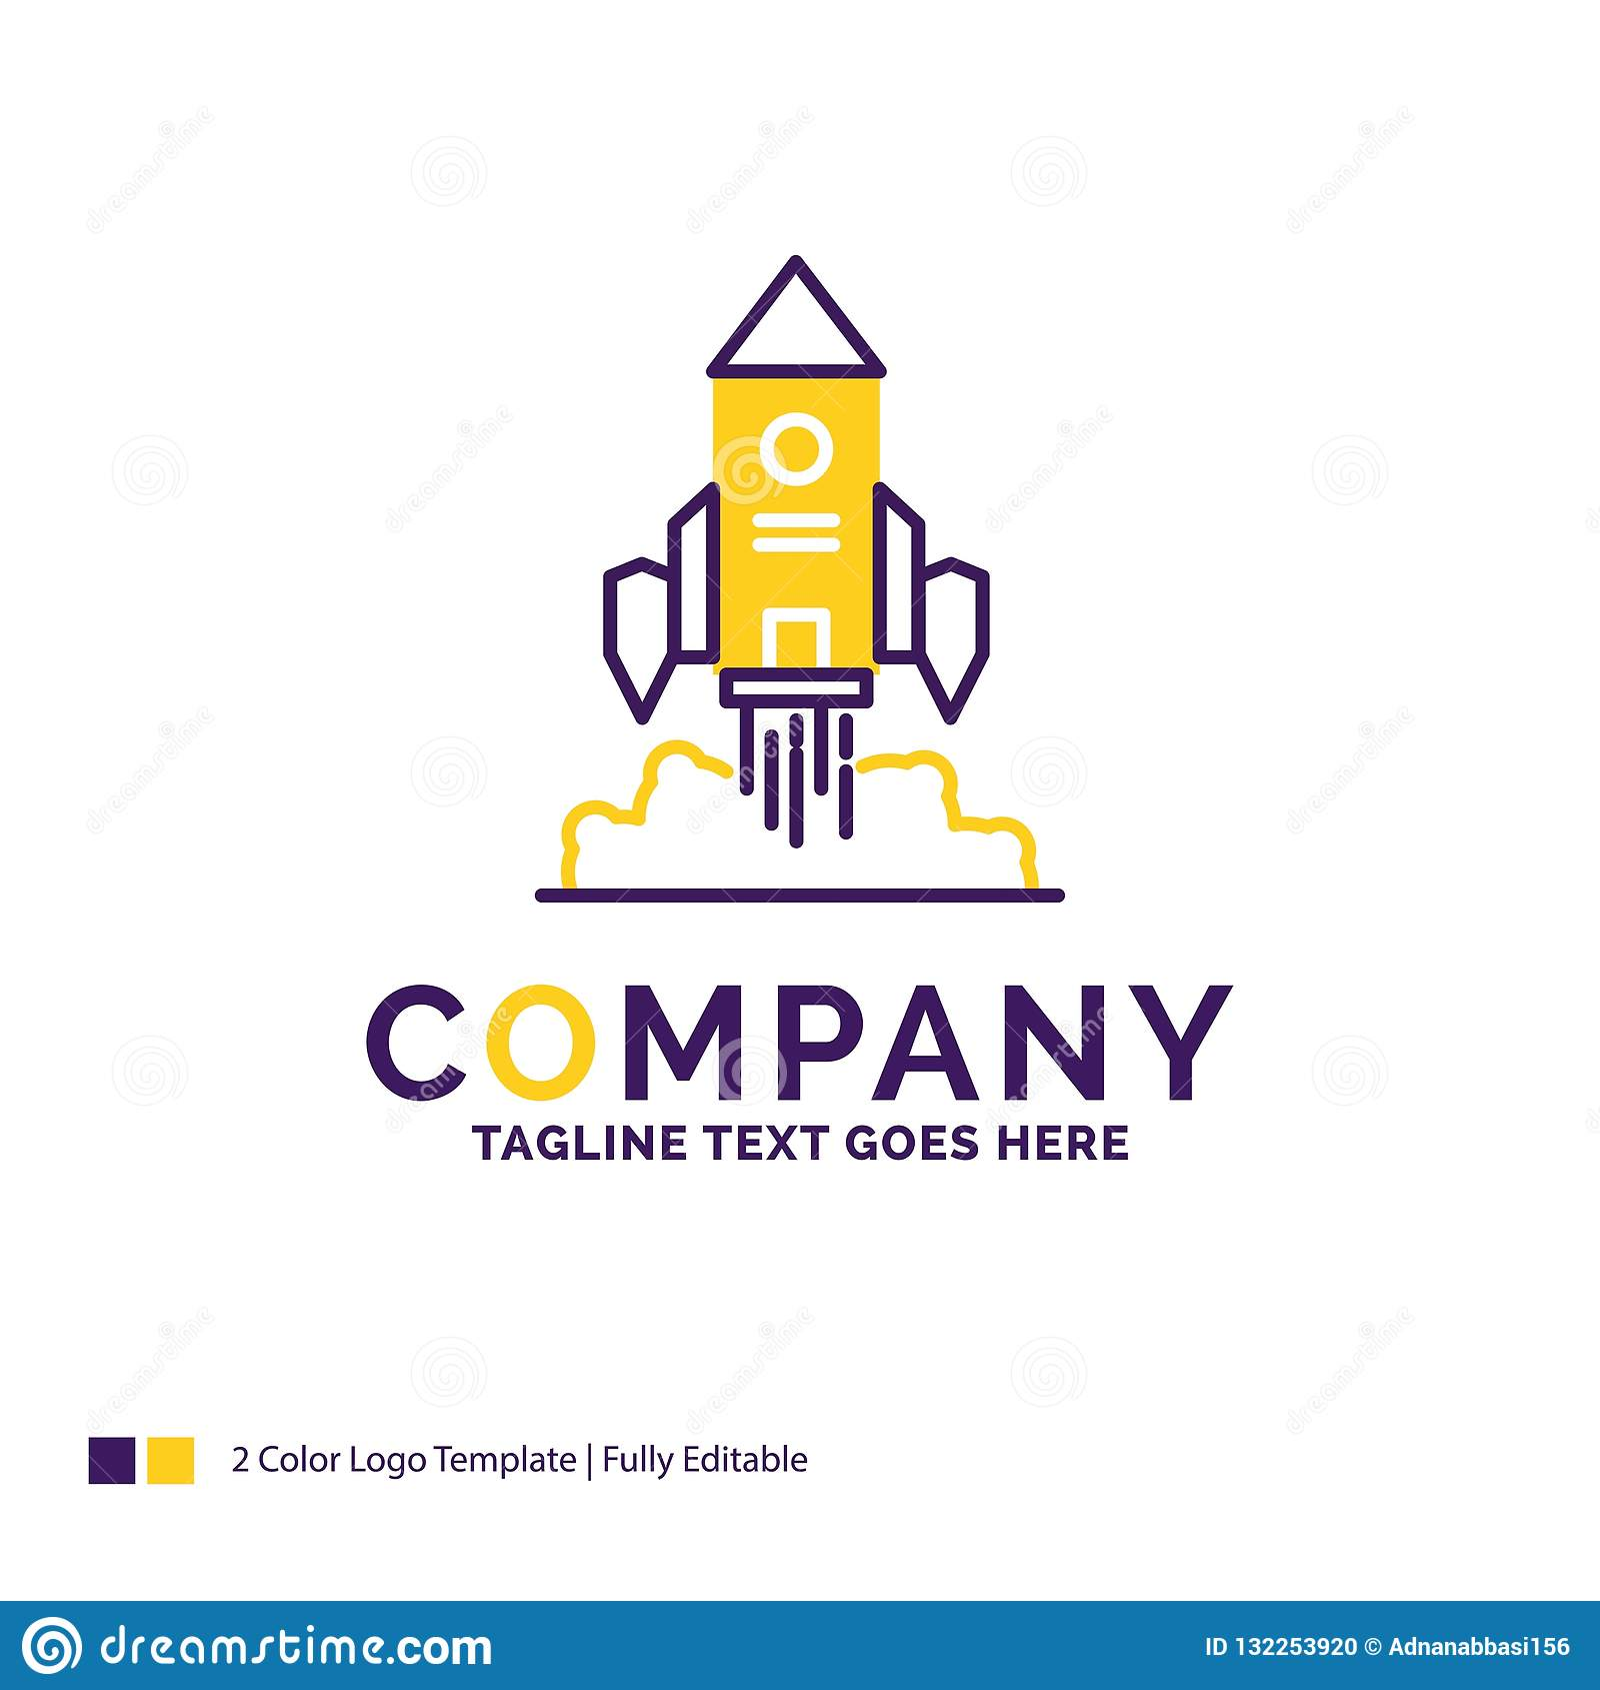 公司名称火箭队的,太空飞船,起动,发射商标设计